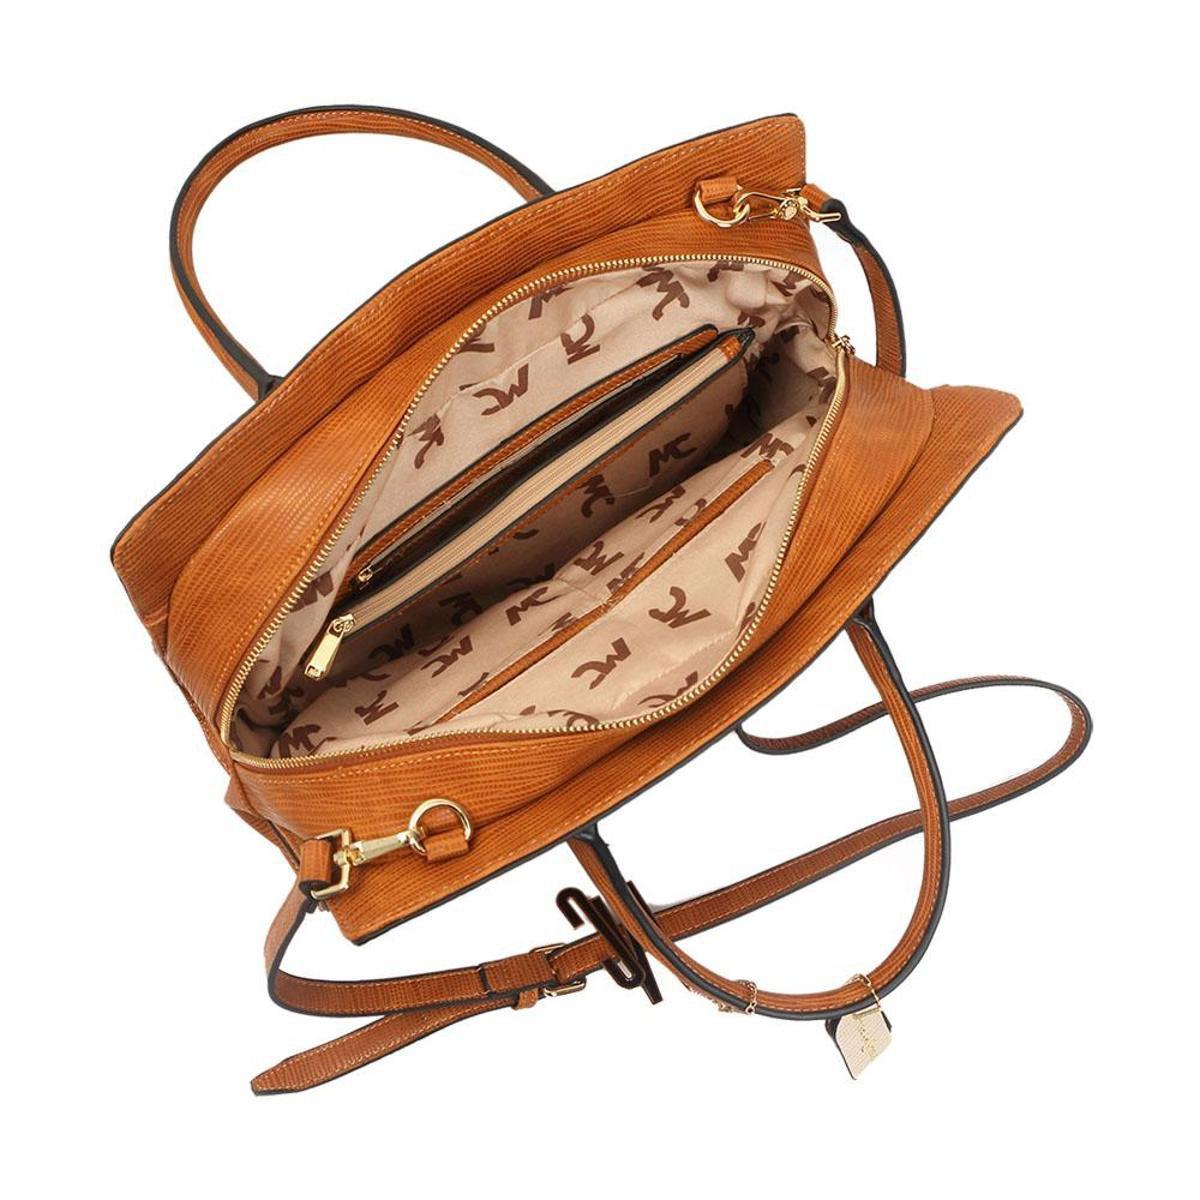 Grande Croco Bolsa Grande Caramelo Bolsa Textura Macadamia Com Macadamia Com AOqAX1